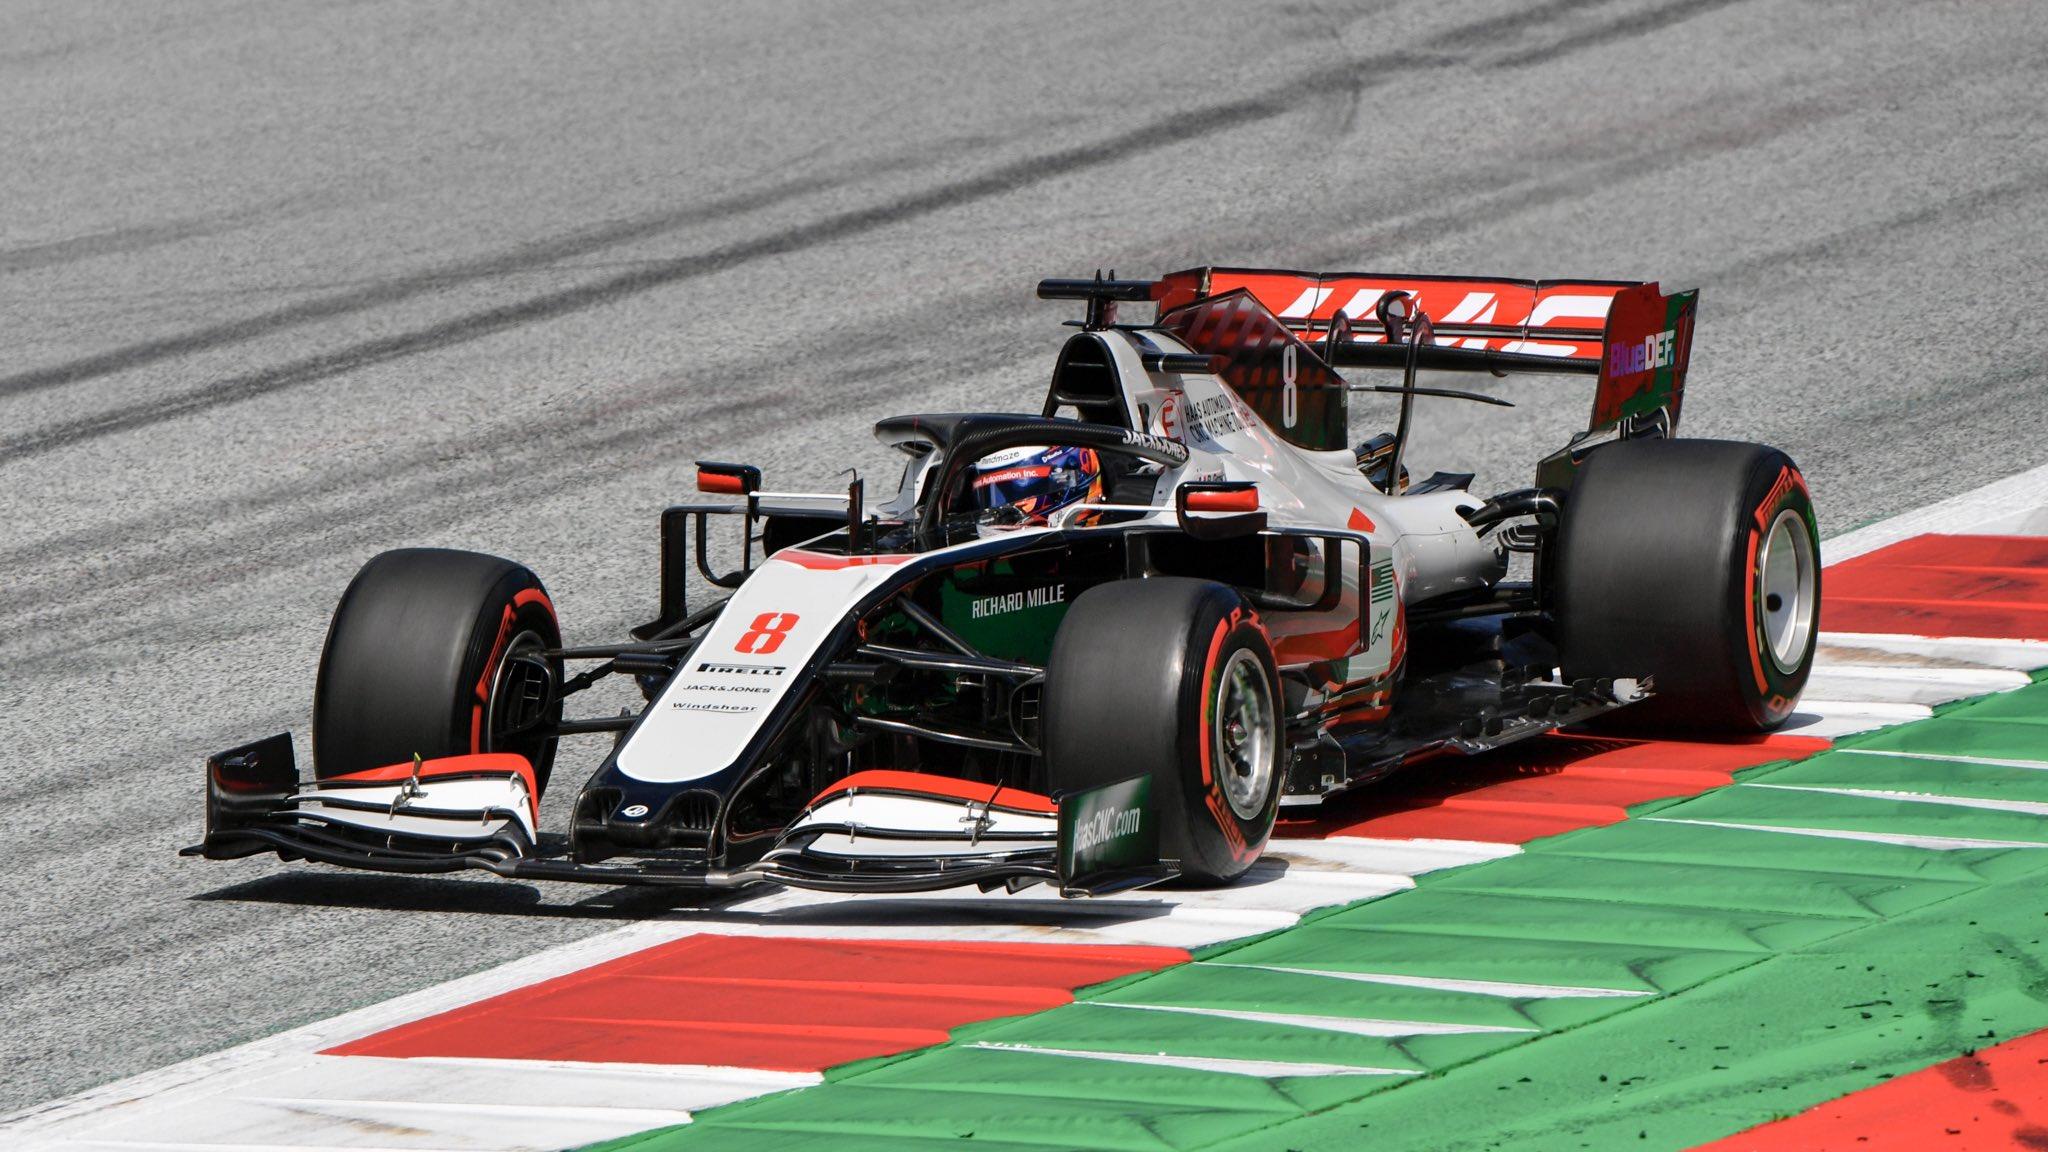 F1 - Grosjean confirme un manque de puissance du moteur Ferrari en qualifications